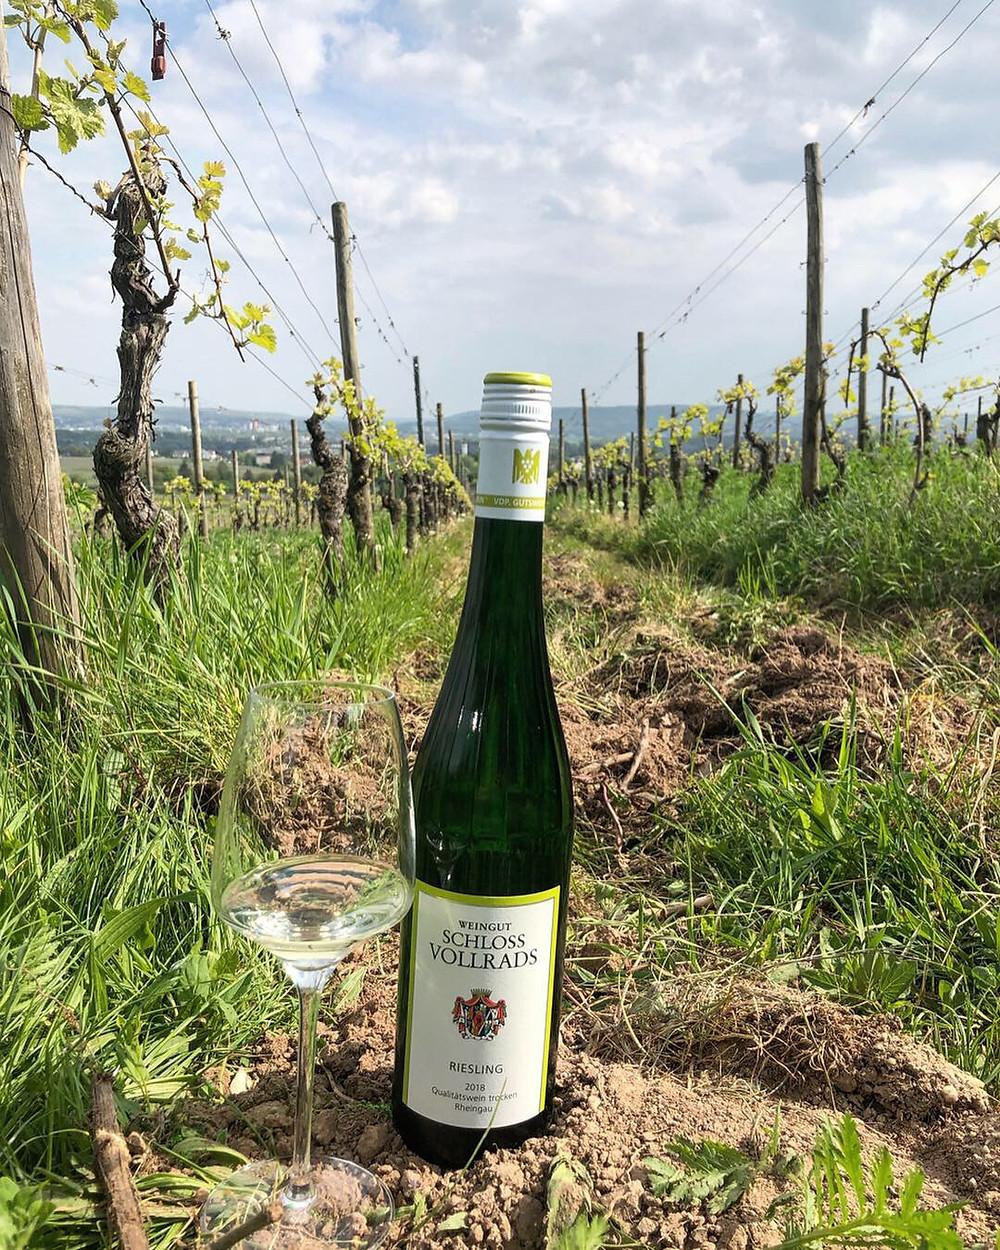 Weingut Schloss Vollrads, Riesling Quälitatswein trocken 2018, taken in the Rheingau vineyards